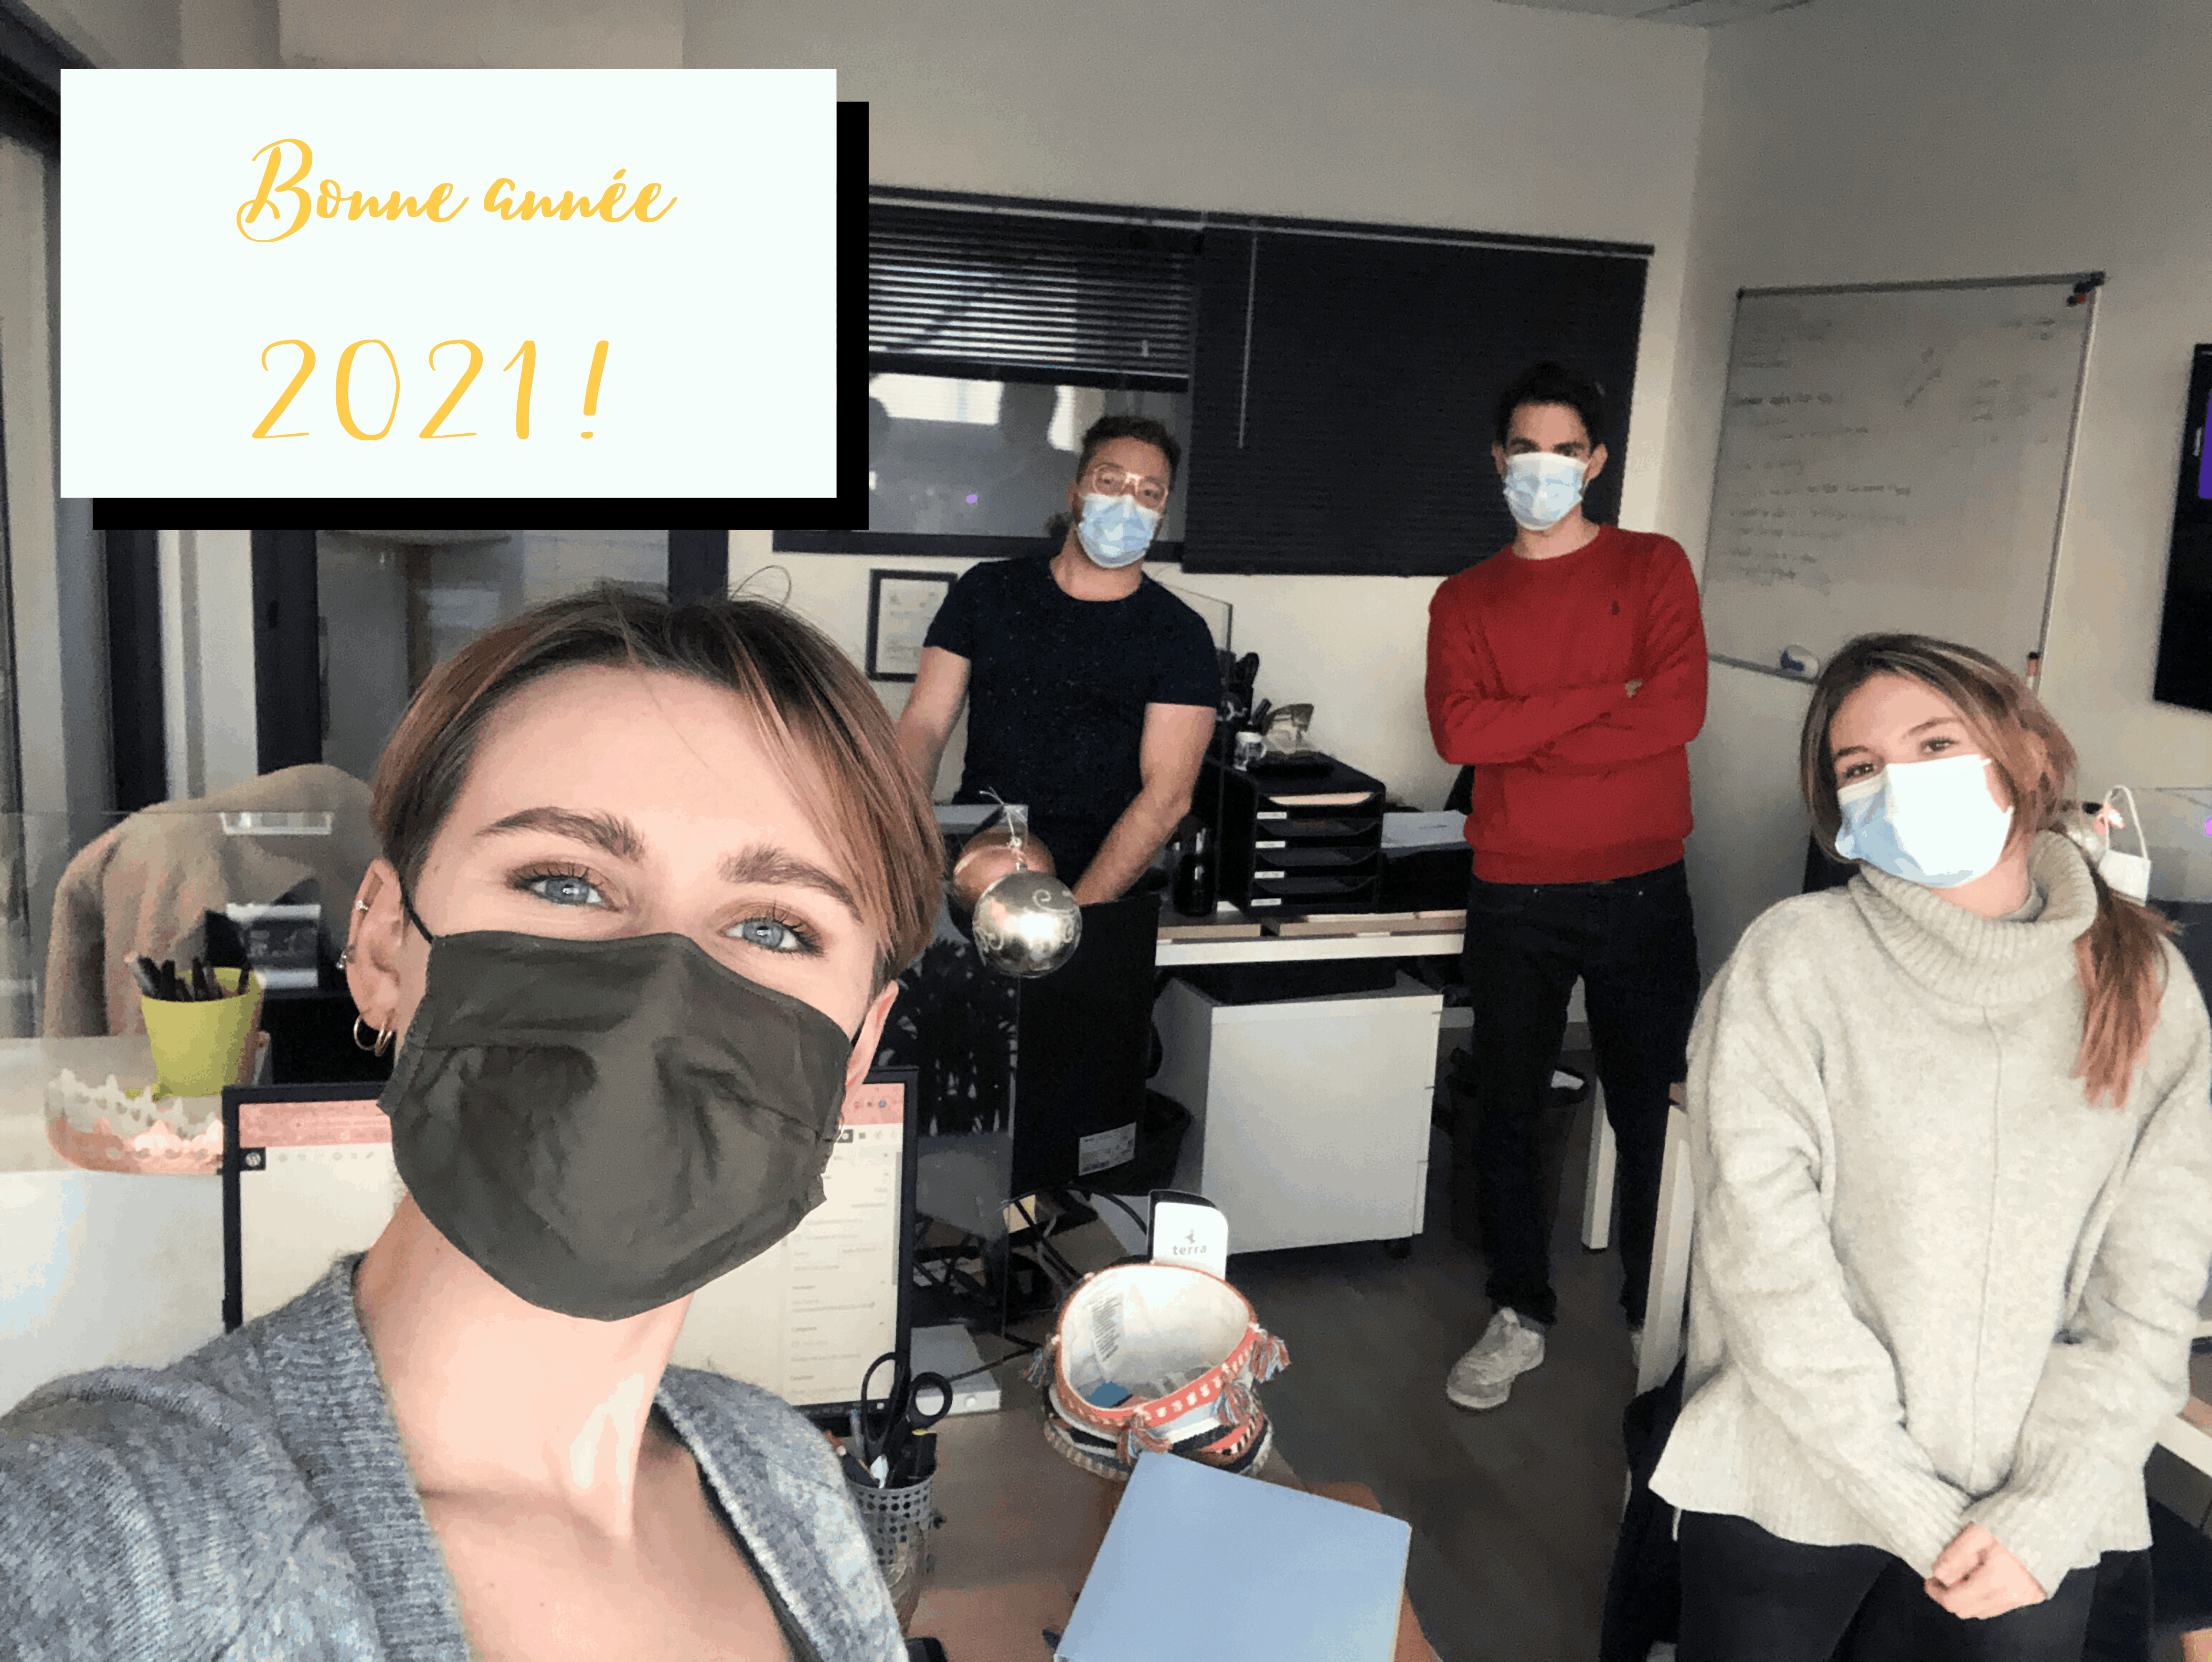 L'équipe collectivités souhaite une bonne année 2021!